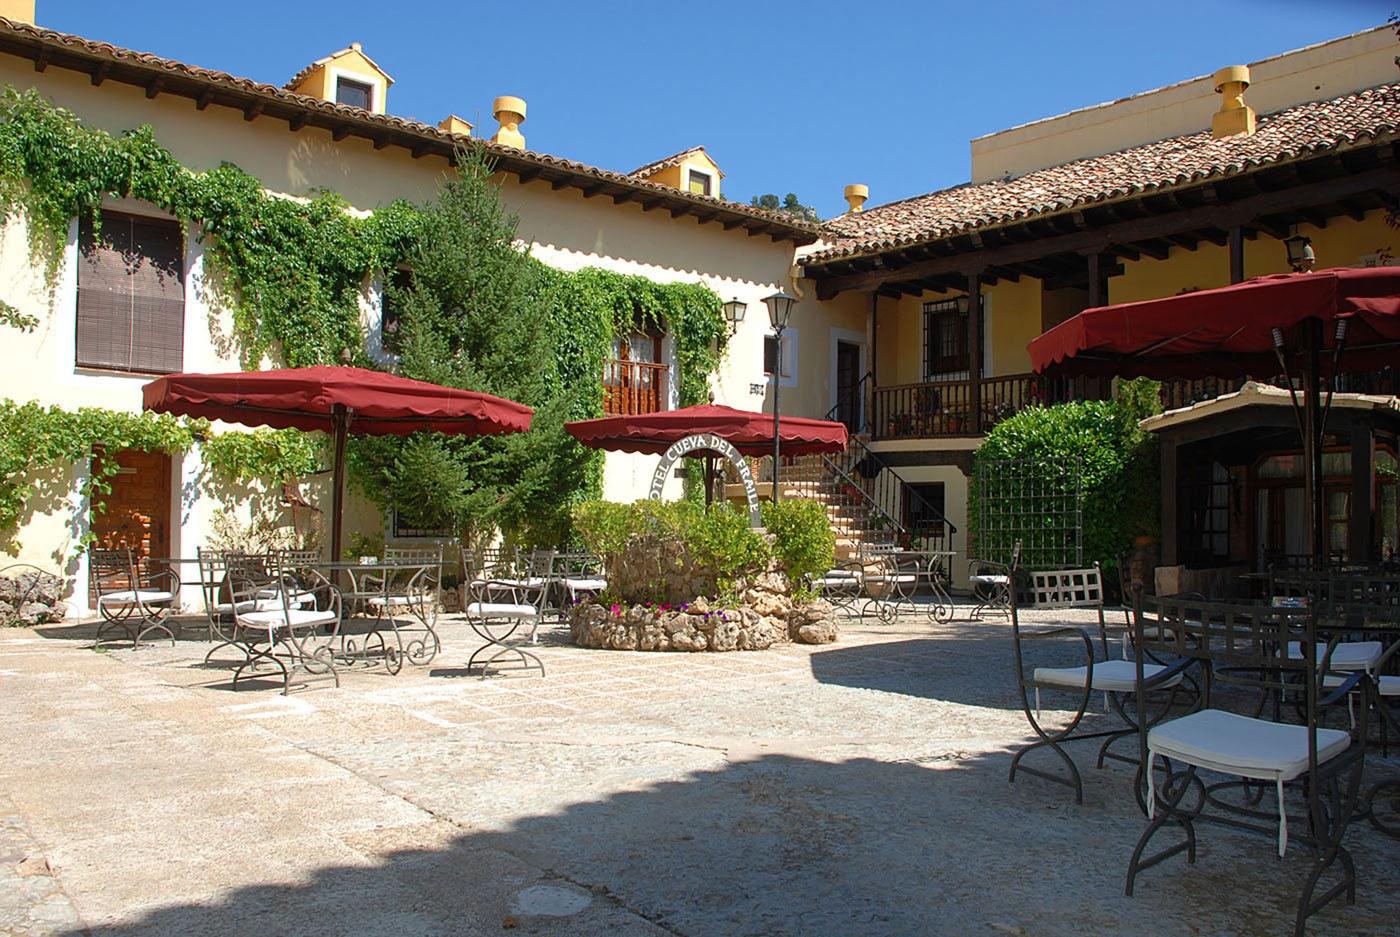 Restaurante La Hoz